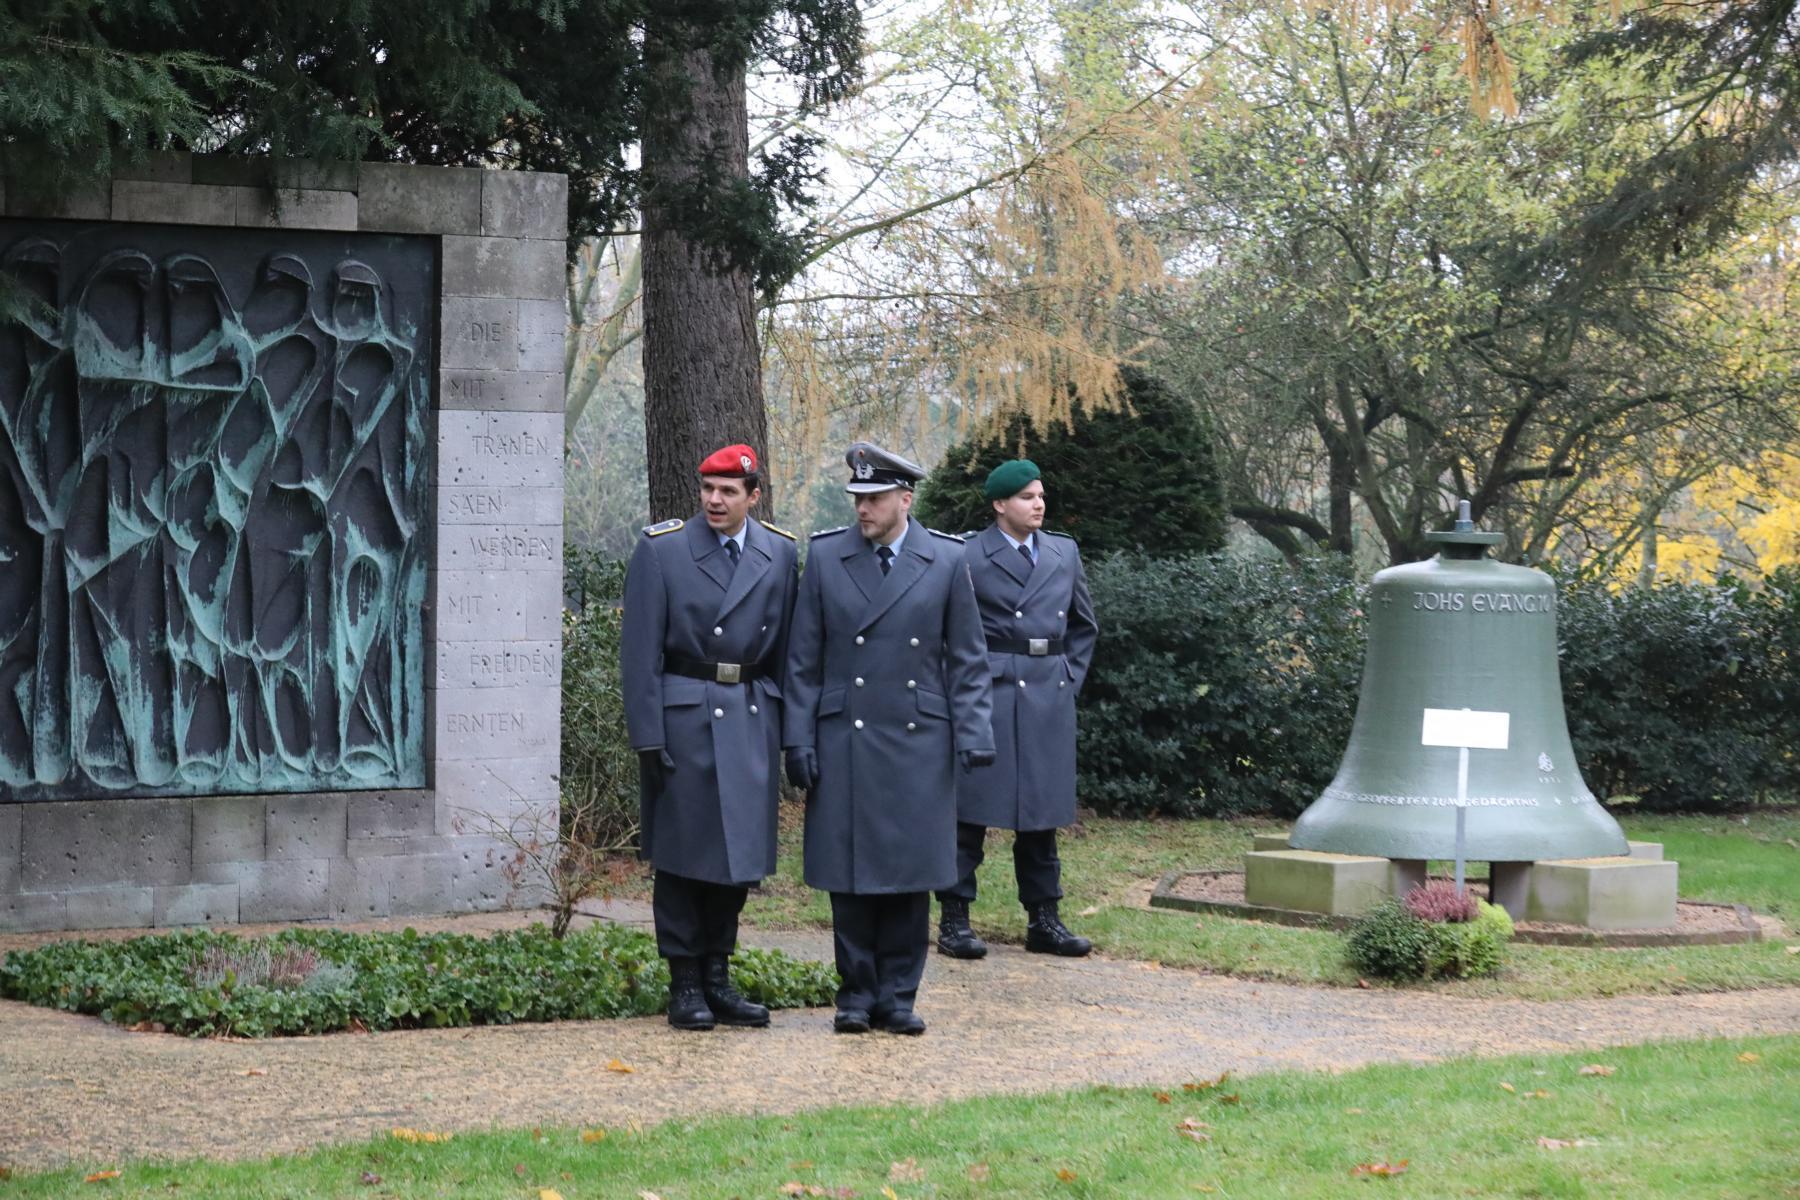 Am Mahnmal für die Bombenopfer auf dem Friedhof NIEDERZWEHREN